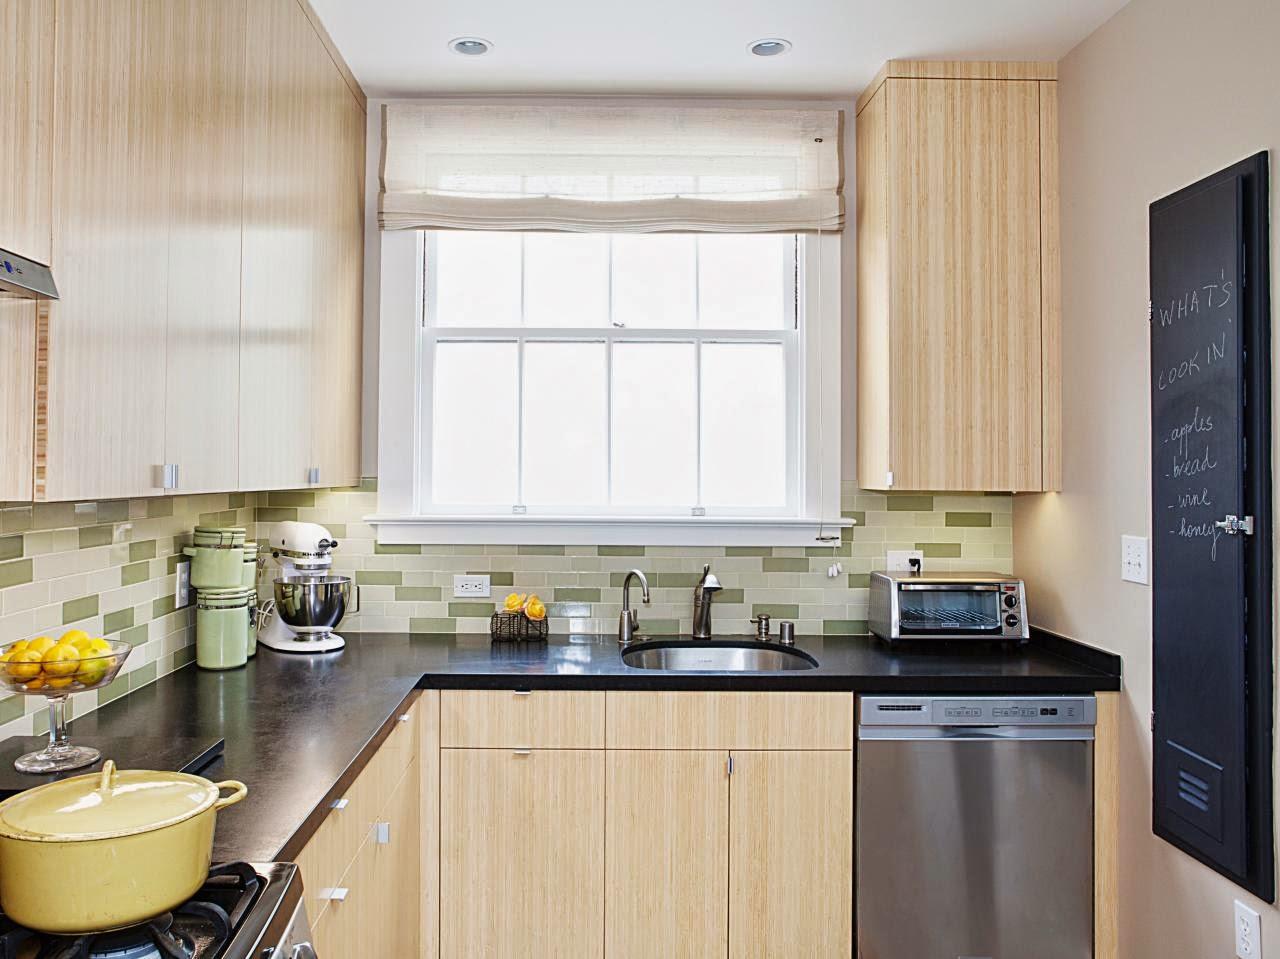 Cortinas para cocina fotos colores en casa - Cortinas decorativas para cocina ...